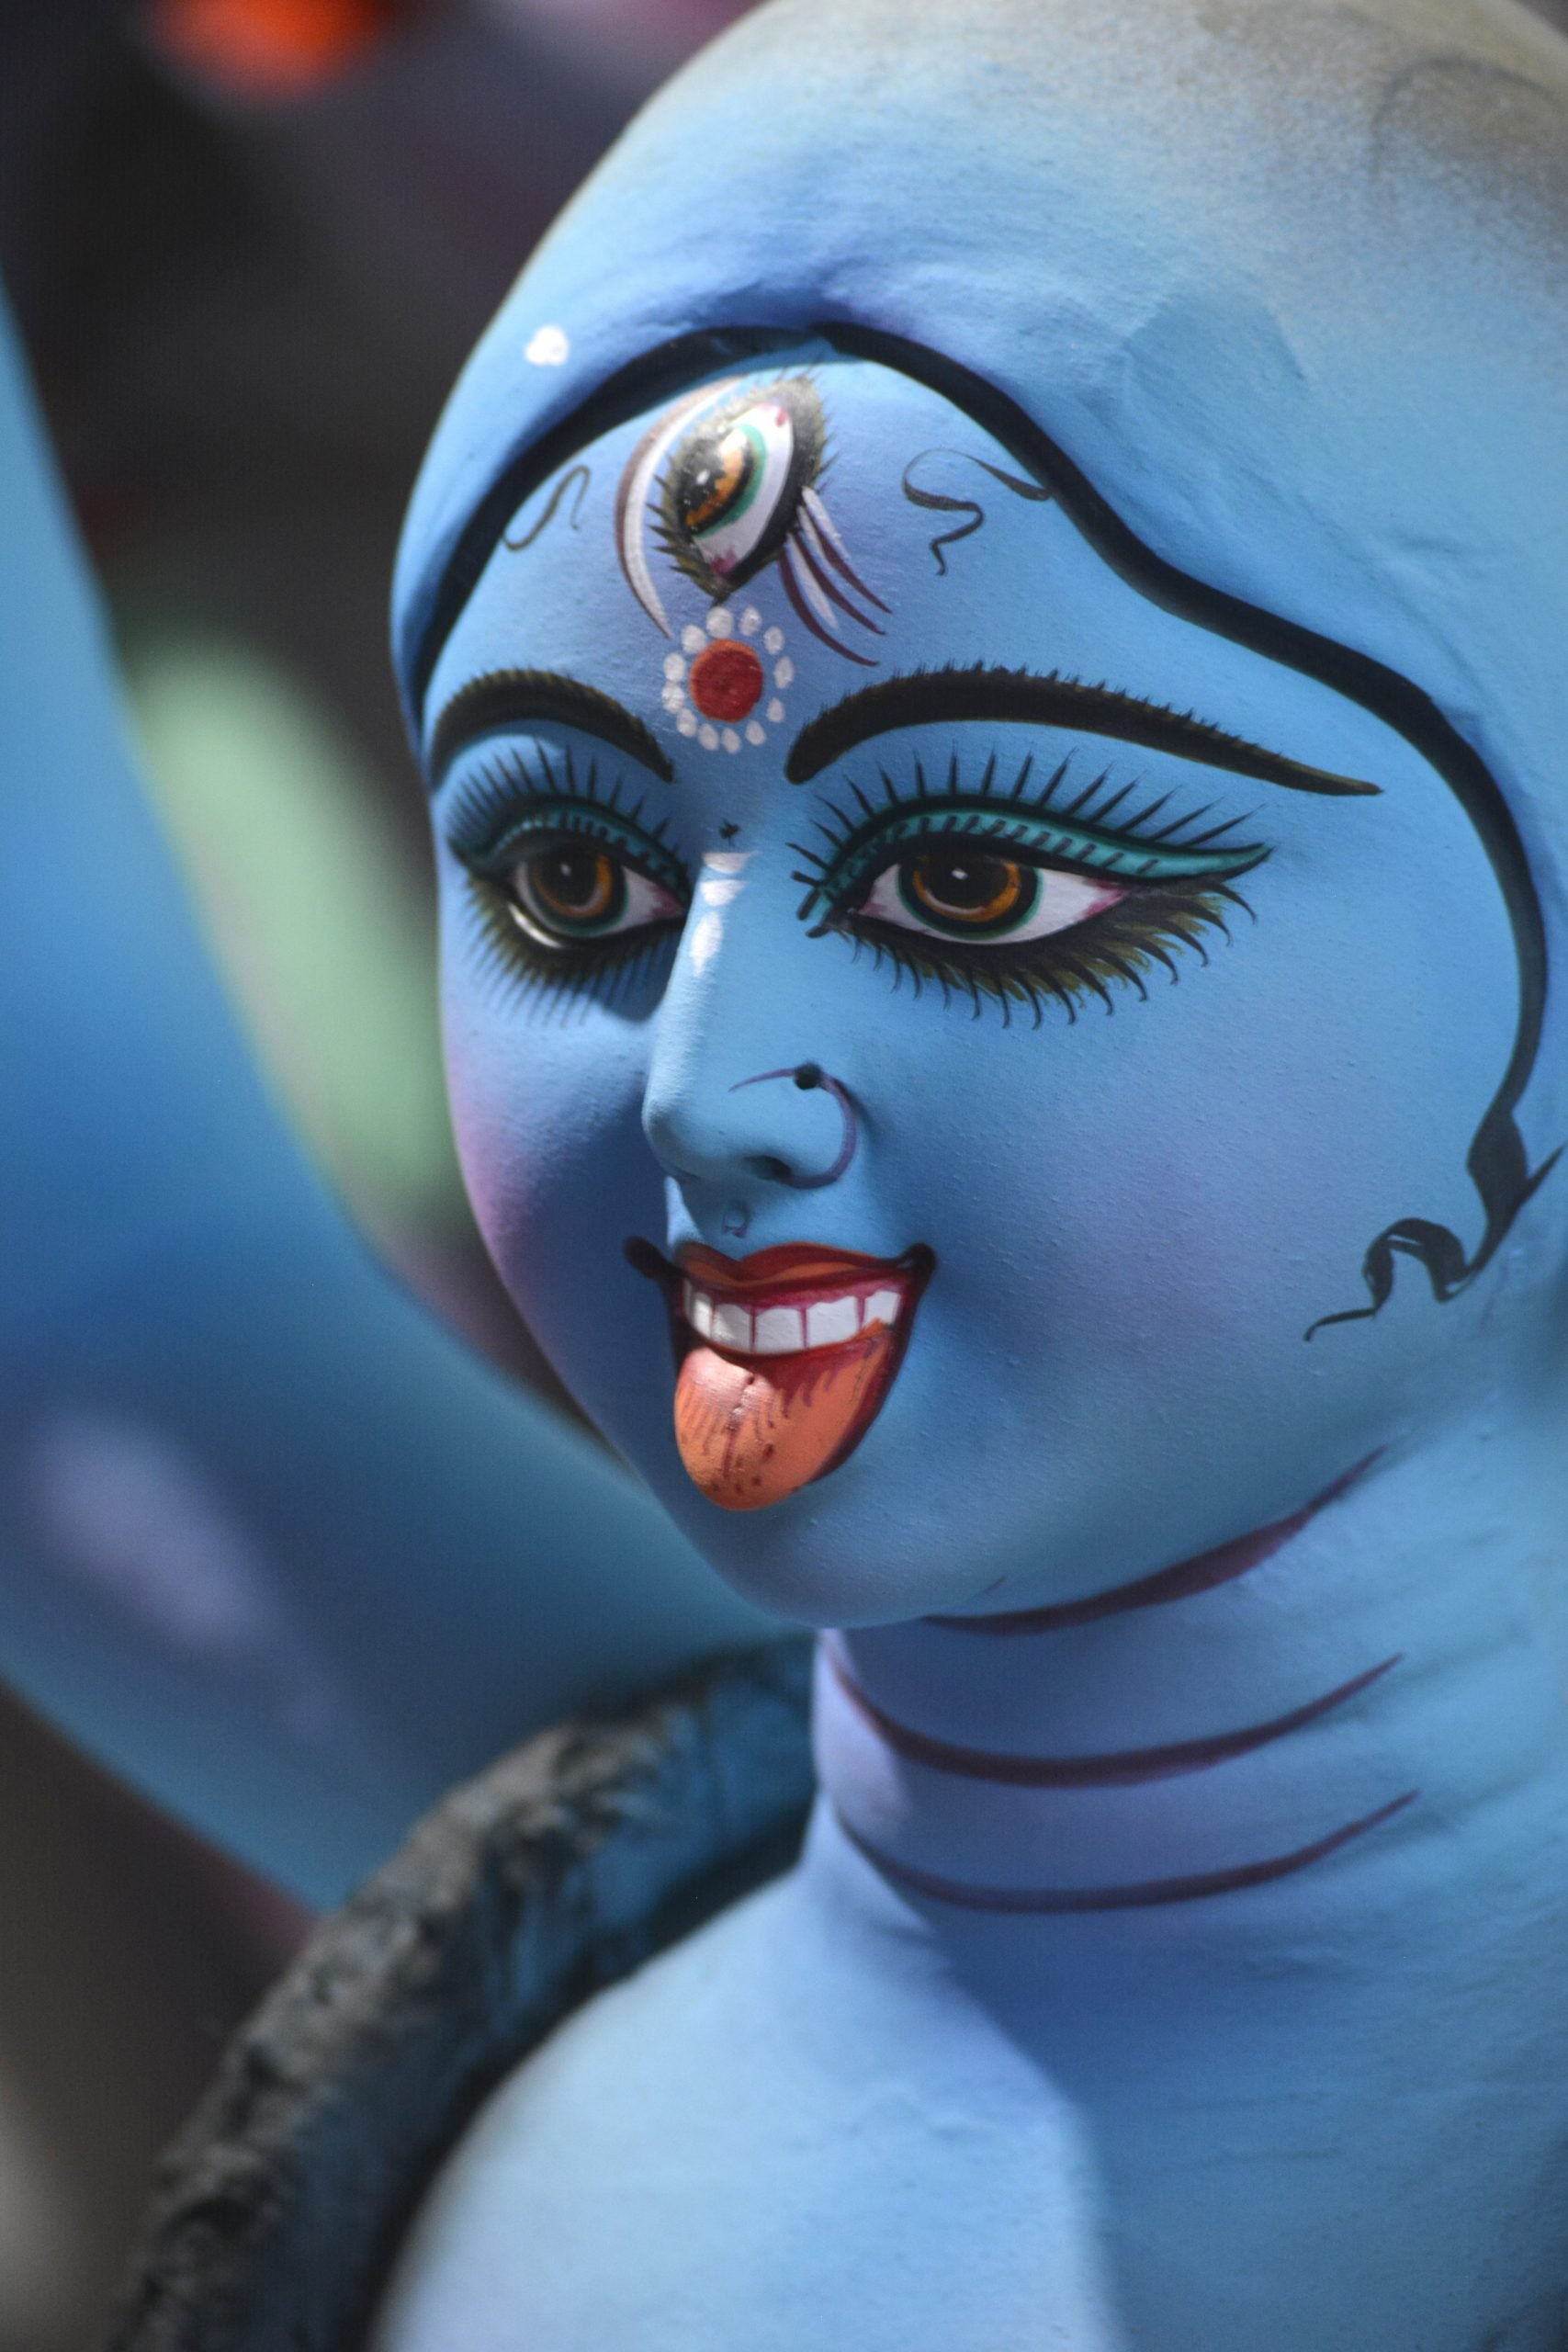 Clay idol of Hindu goddess